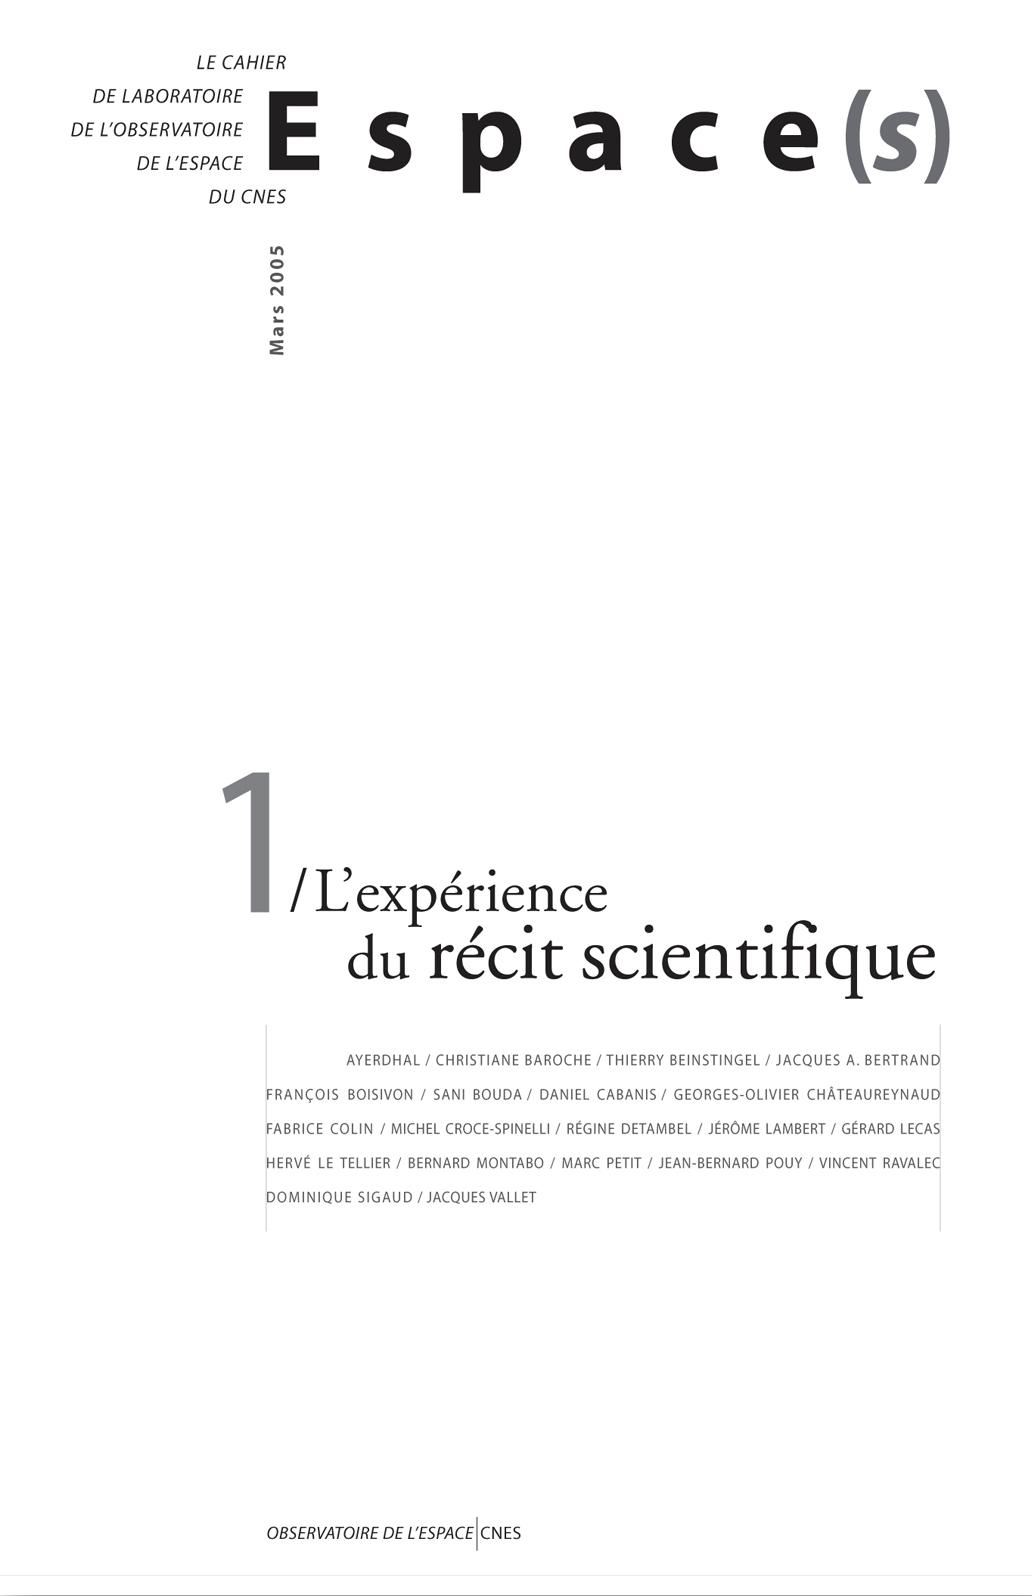 L'expérience du récit scientifique